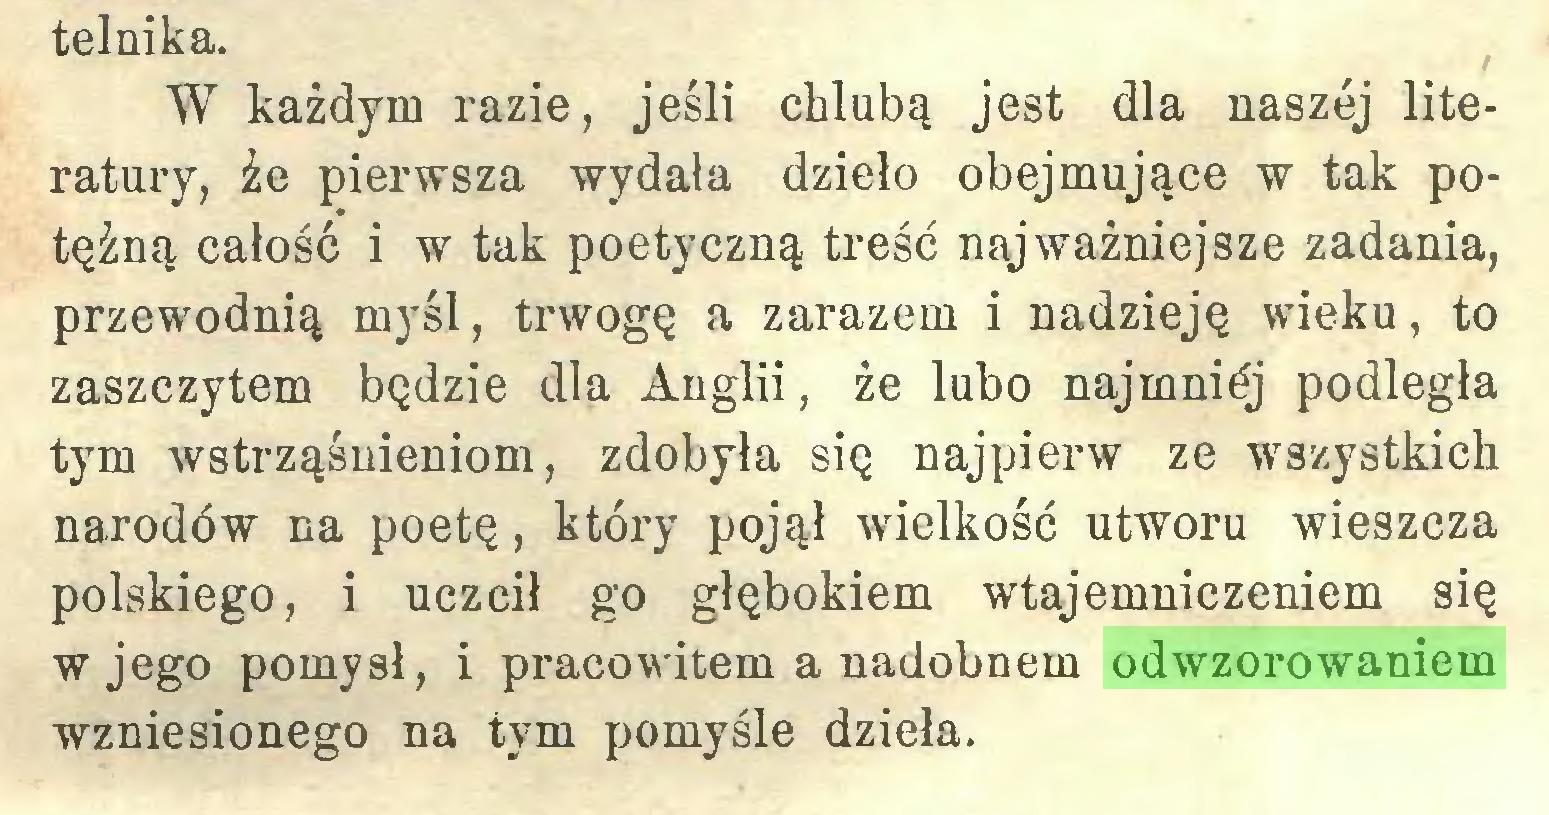 (...) telnika. W każdym razie, jeśli chlubą jest dla naszej literatury, że pierwsza wydała dzieło obejmujące w tak potężną całość i w tak poetyczną treść najważniejsze zadania, przewodnią myśl, trwogę a zarazem i nadzieję wieku, to zaszczytem będzie dla Anglii, że lubo najmniej podległa tym wstrząśnieniom, zdobyła się najpierw ze wszystkich narodów na poetę, który pojął wielkość utworu wieszcza polskiego, i uczcił go głębokiem wtajemniczeniem się w jego pomysł, i pracowitem a nadobnem odwzorowaniem wzniesionego na tym pomyśle dzieła...